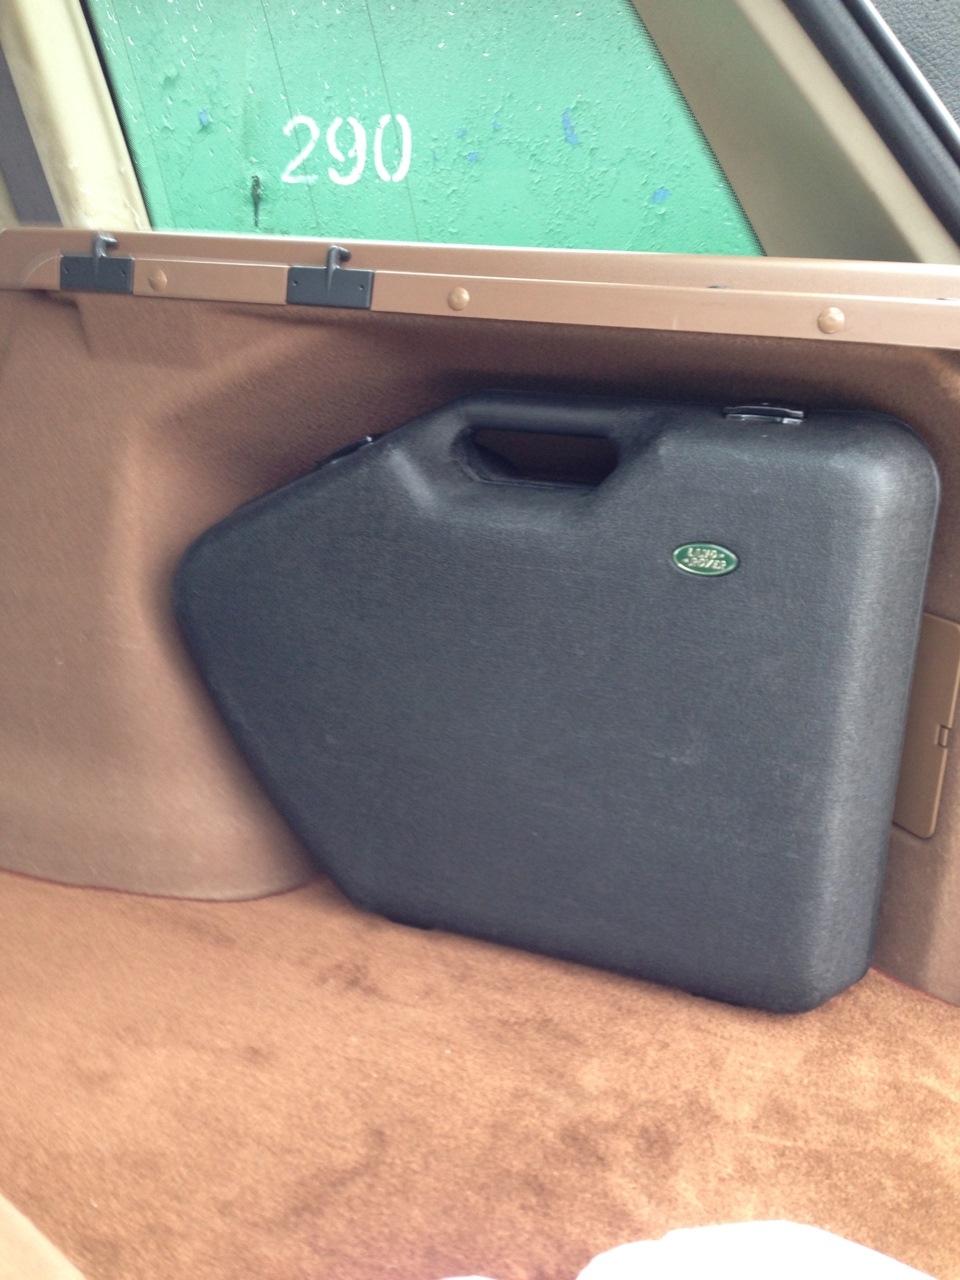 Vends valise accessoire STC8532 - 150 euros livraison incluse 82d0f1cs-960